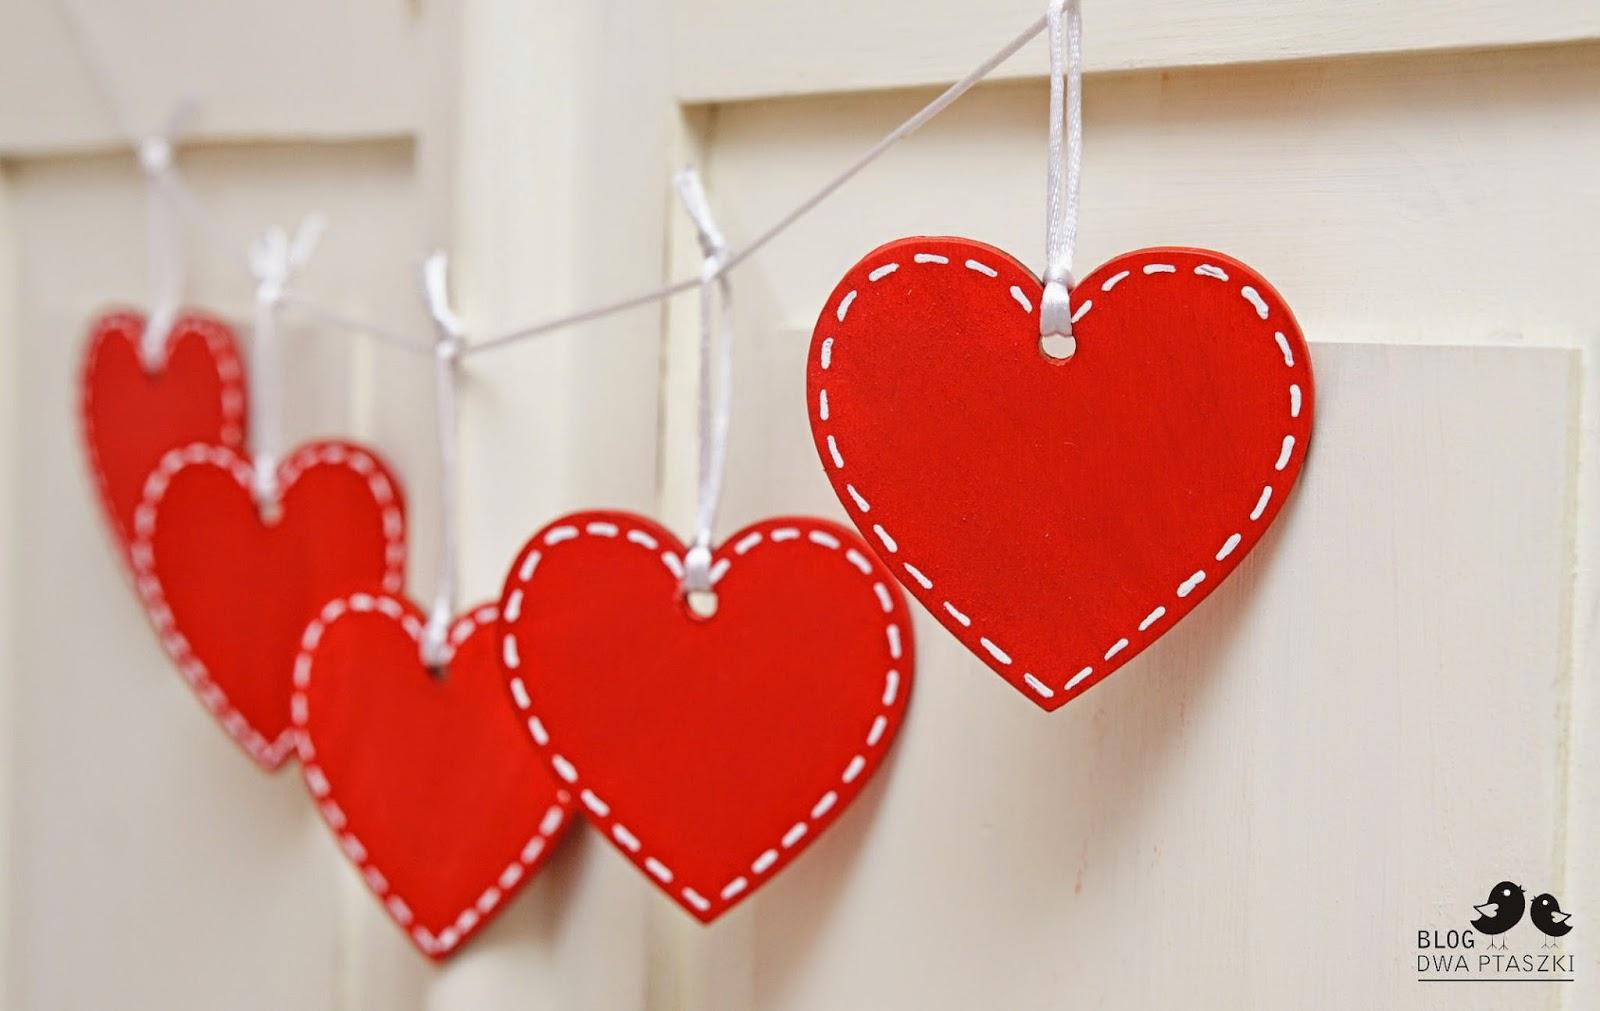 Dekoracje Na Walentynki Czerwone Serca Handmade Zblogowani